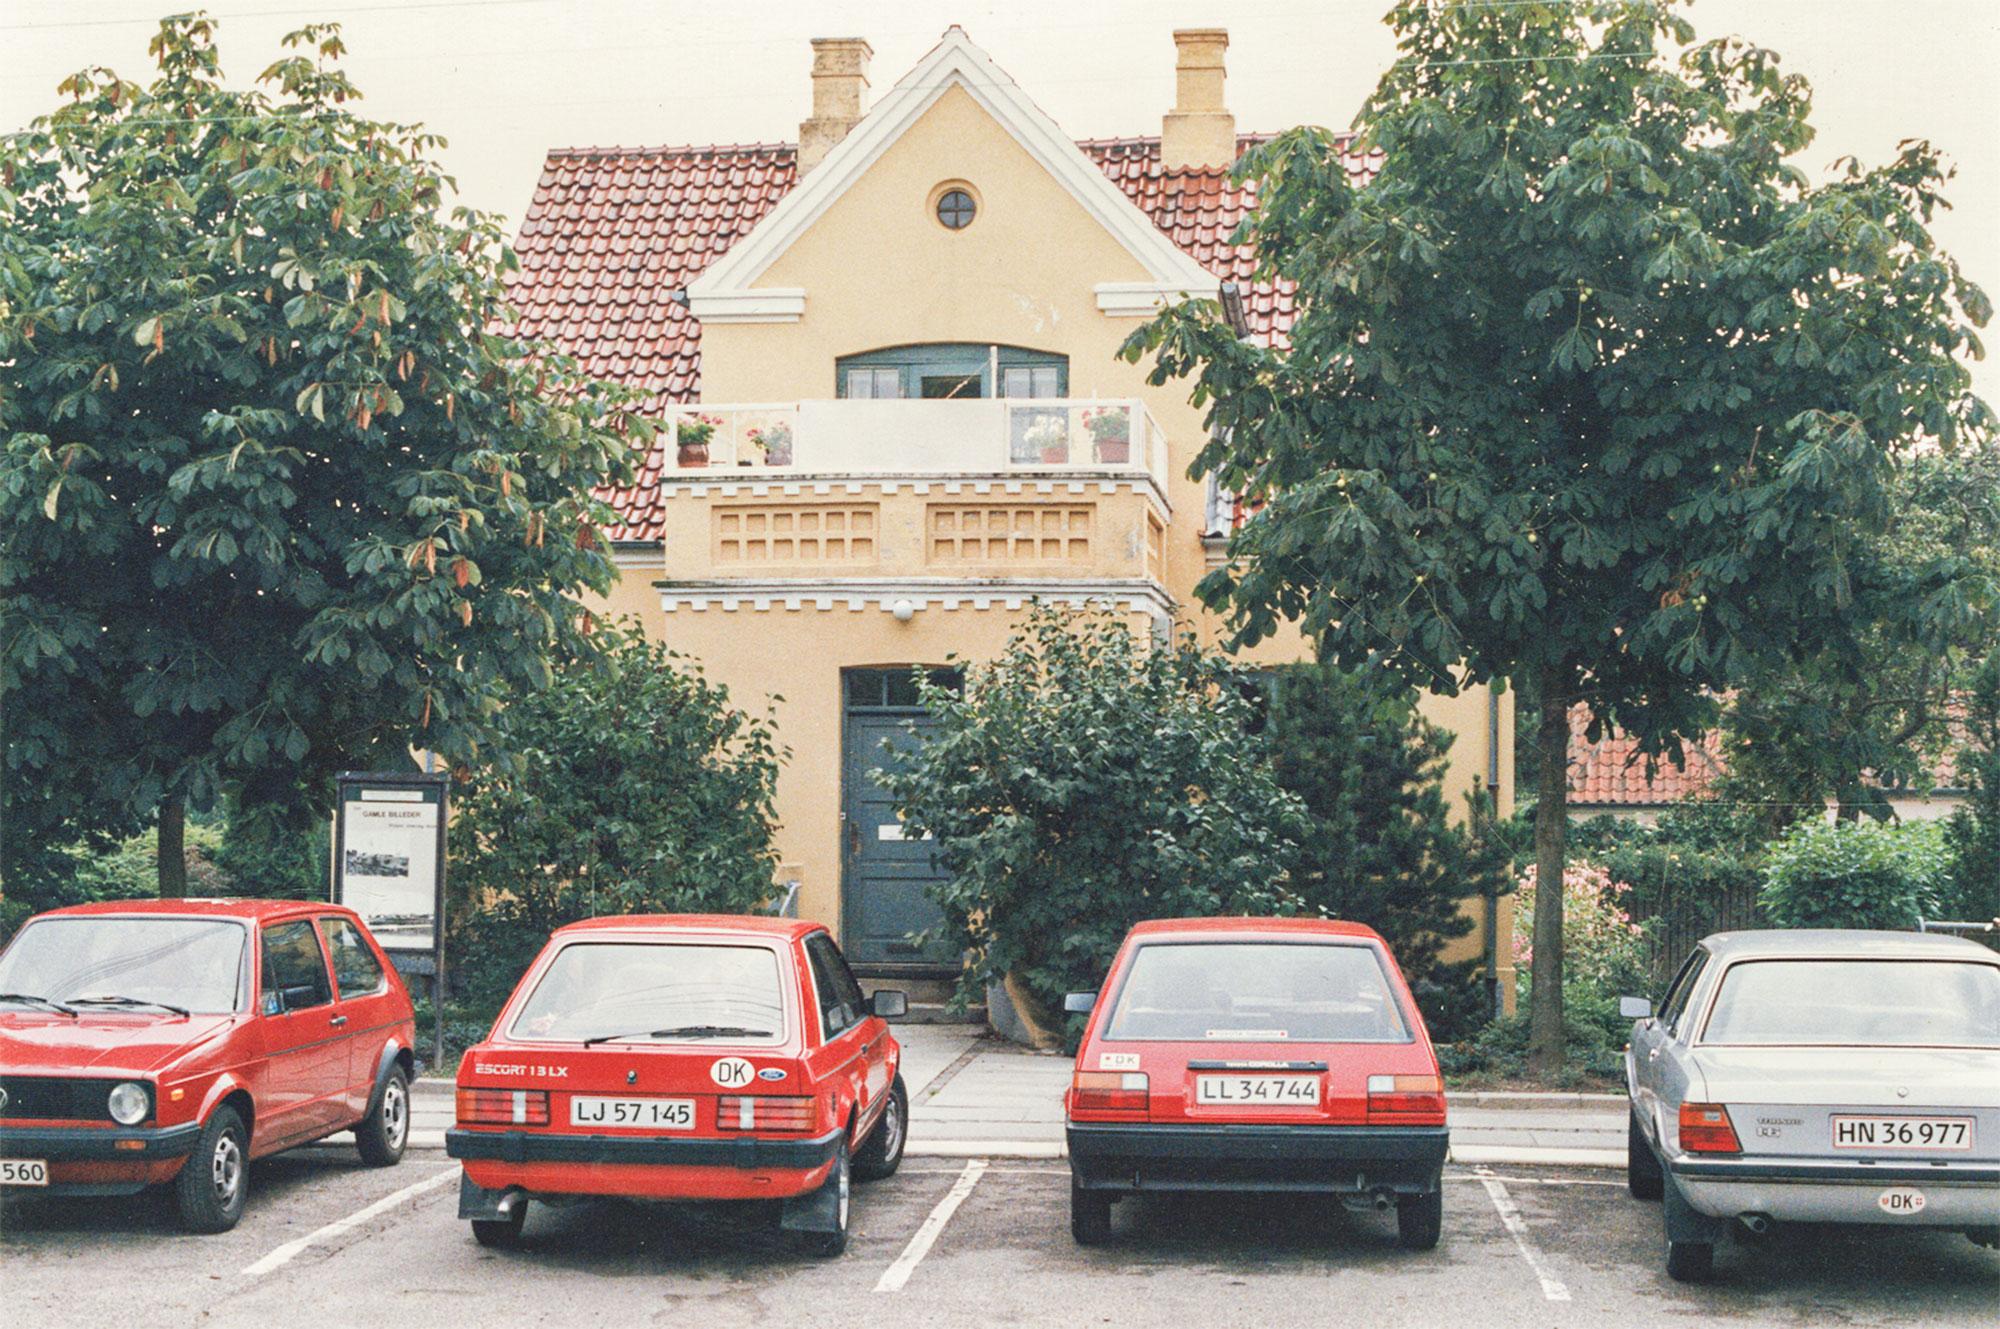 Fra 1975 til 2001 havde lokalarkivet adresse på Stationsvej 9. Billedet af facaden stammer fra 1981. Foto: Historisk Arkiv Dragør.